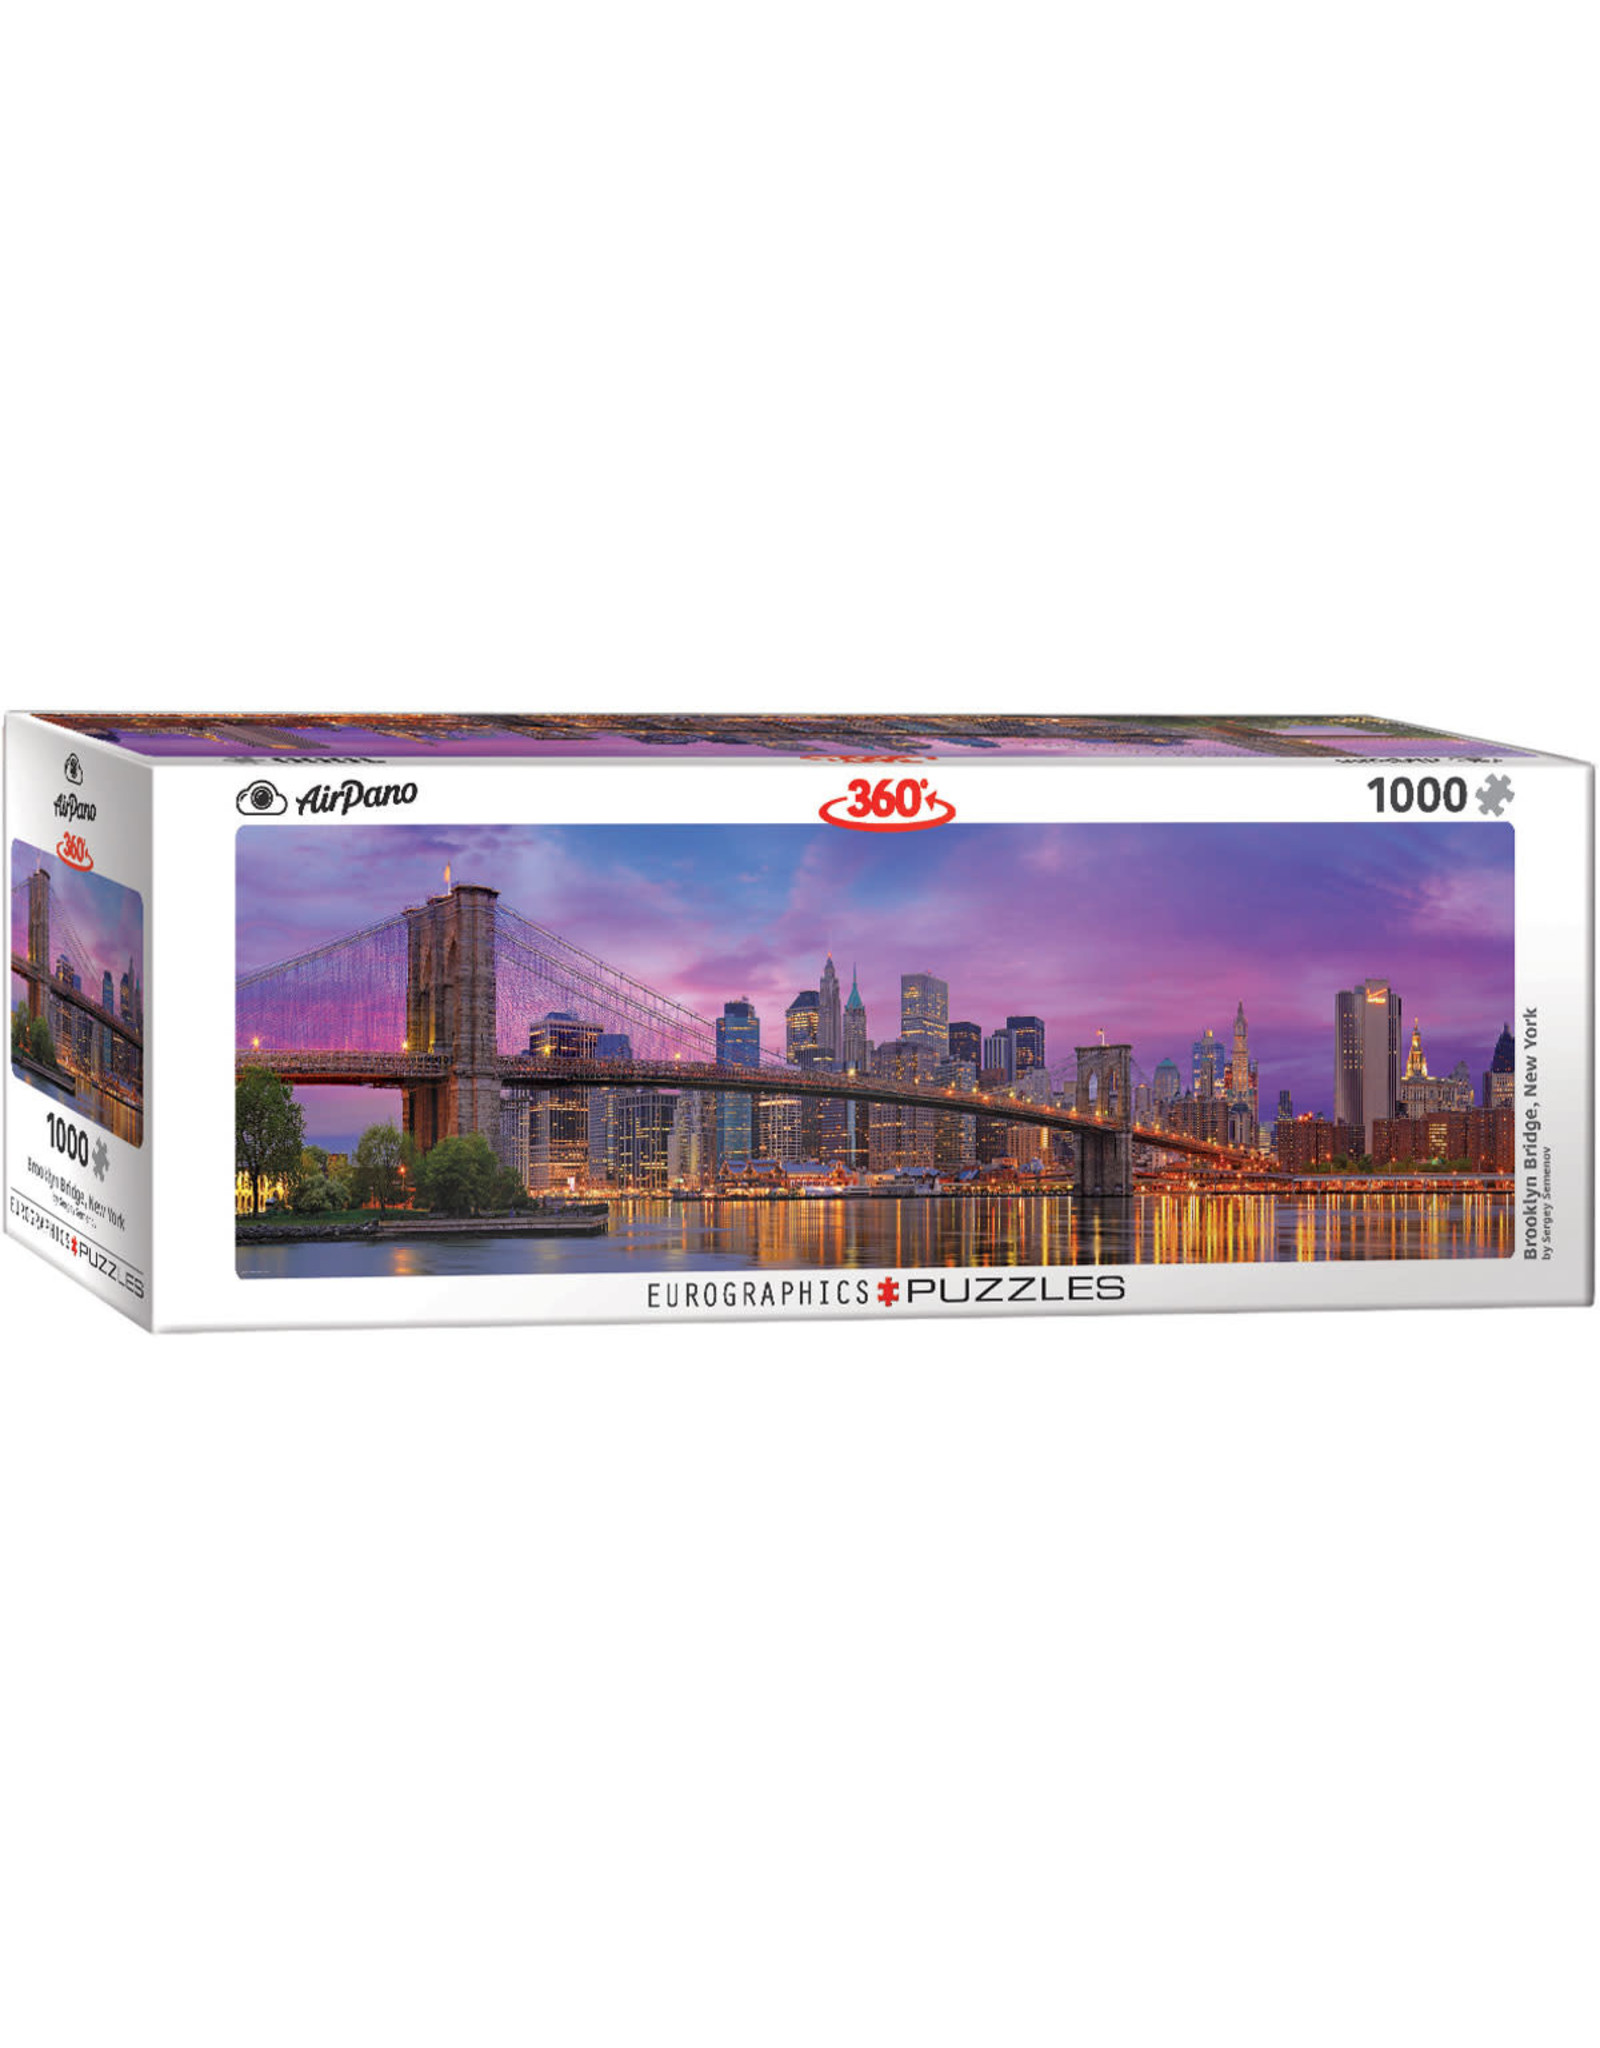 Eurographics Brooklyn Bridge New York 1000 pc Panoramic